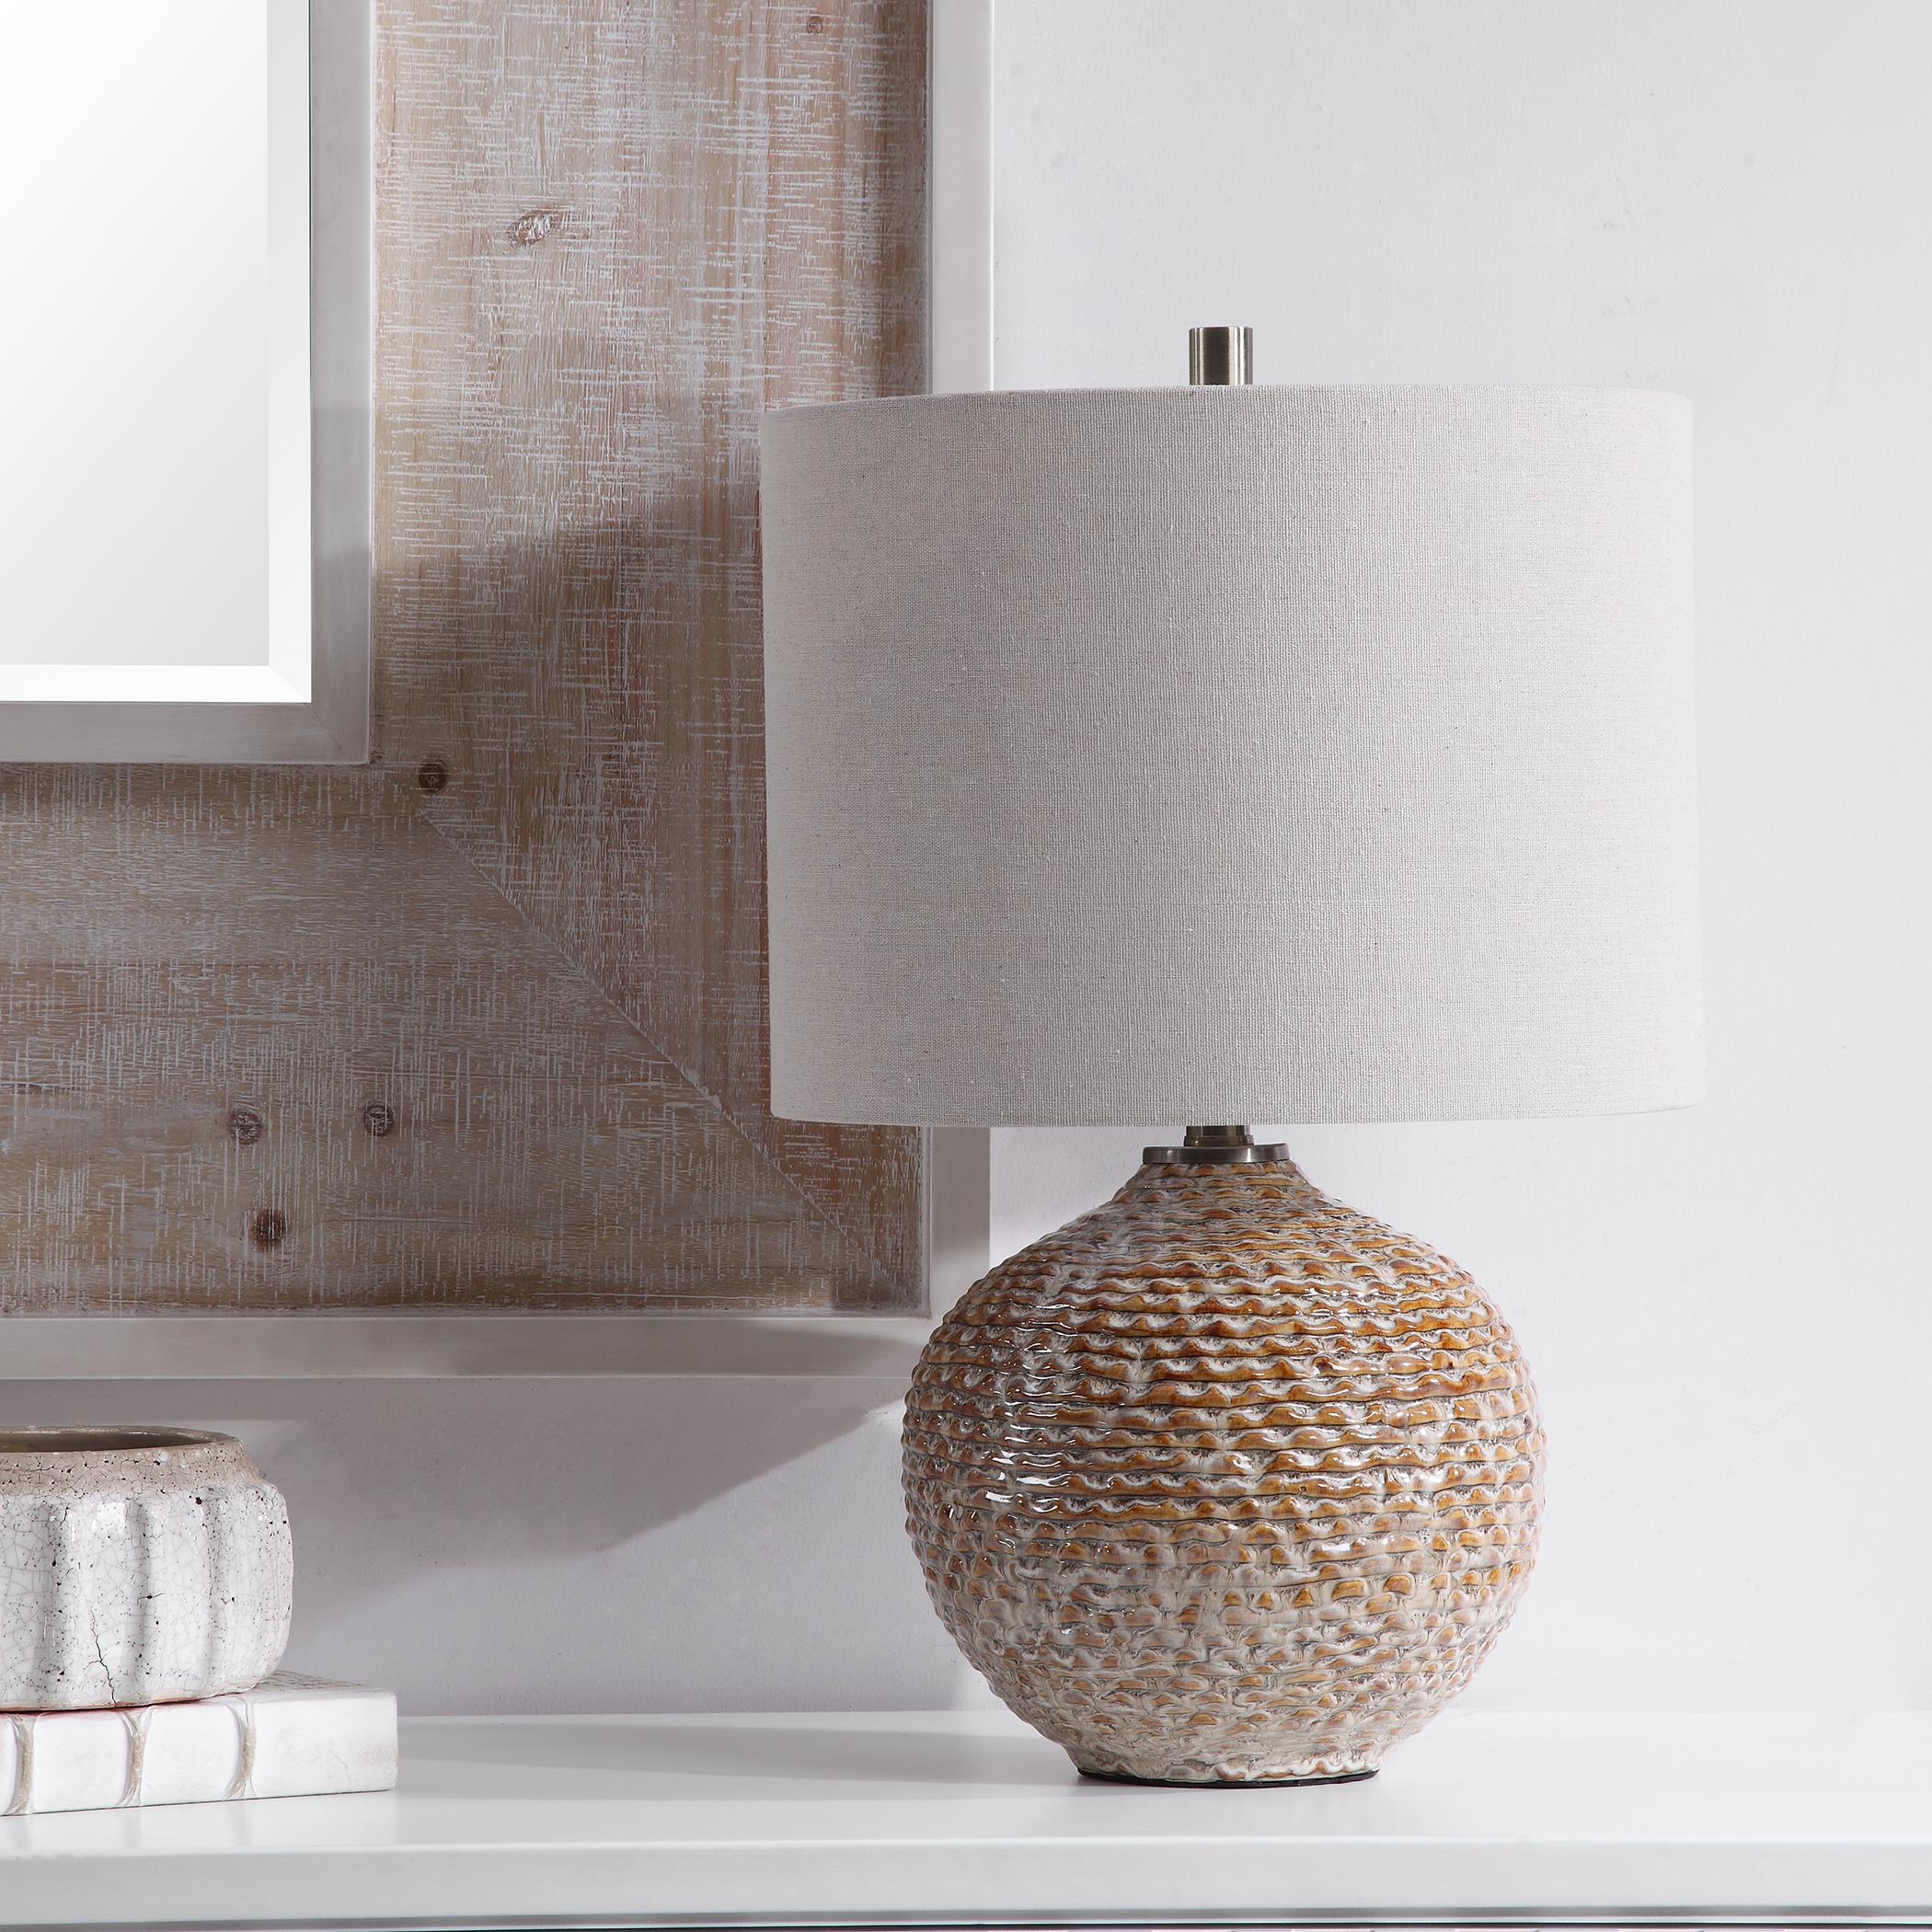 Lagos Rustic Table Lamp